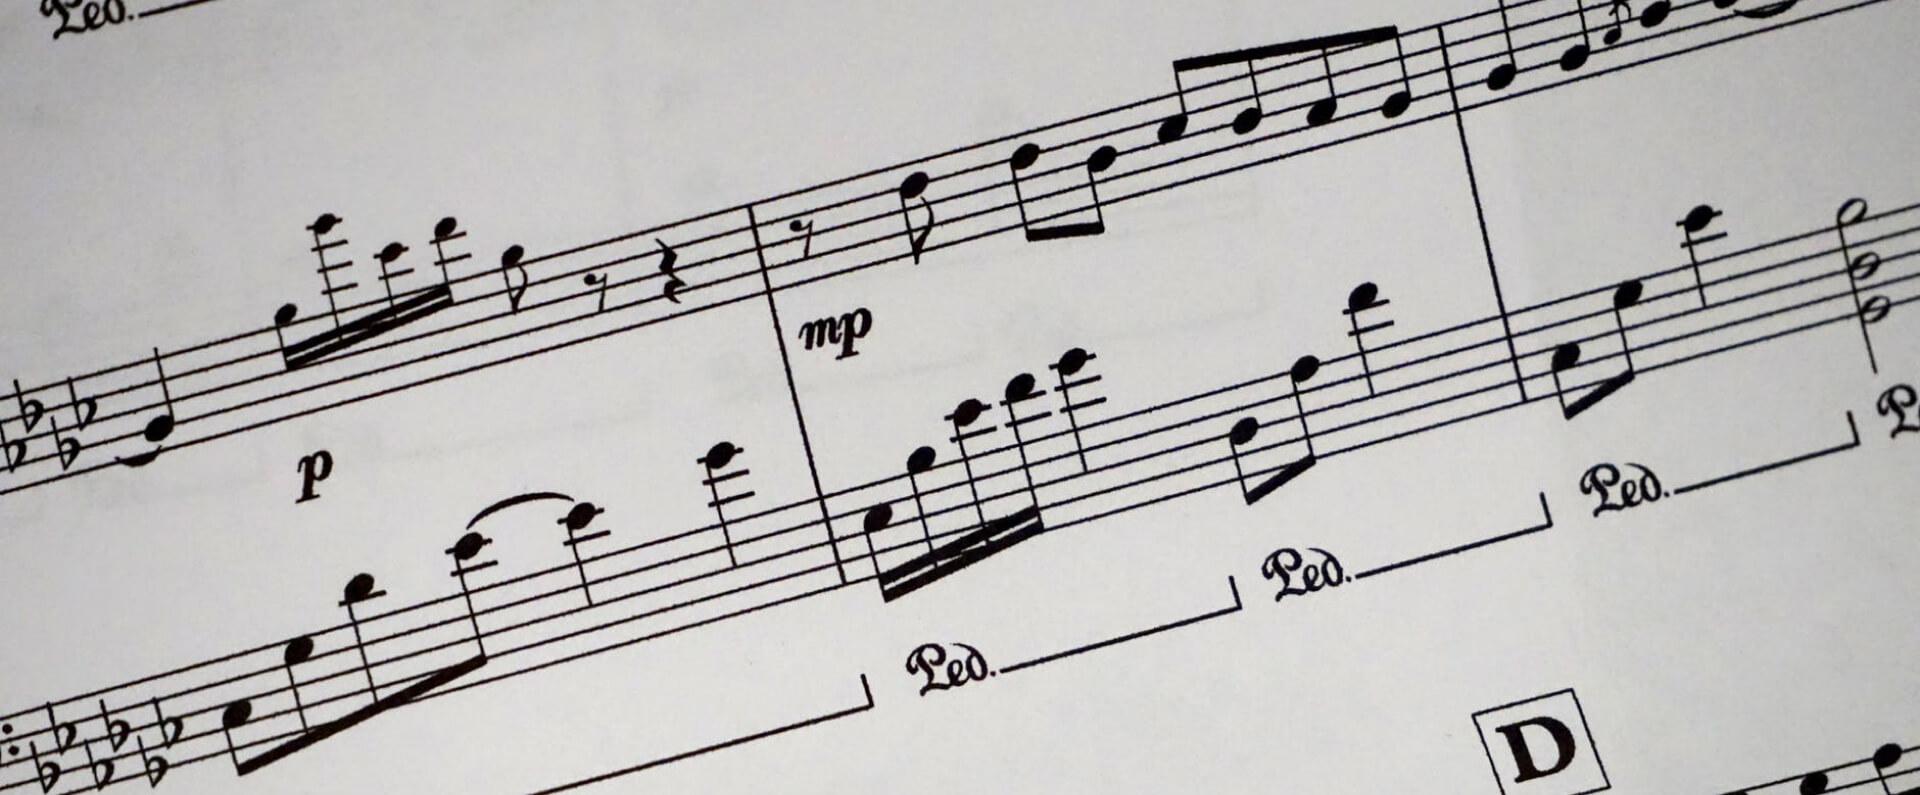 piano-tutor-musical-note-bg